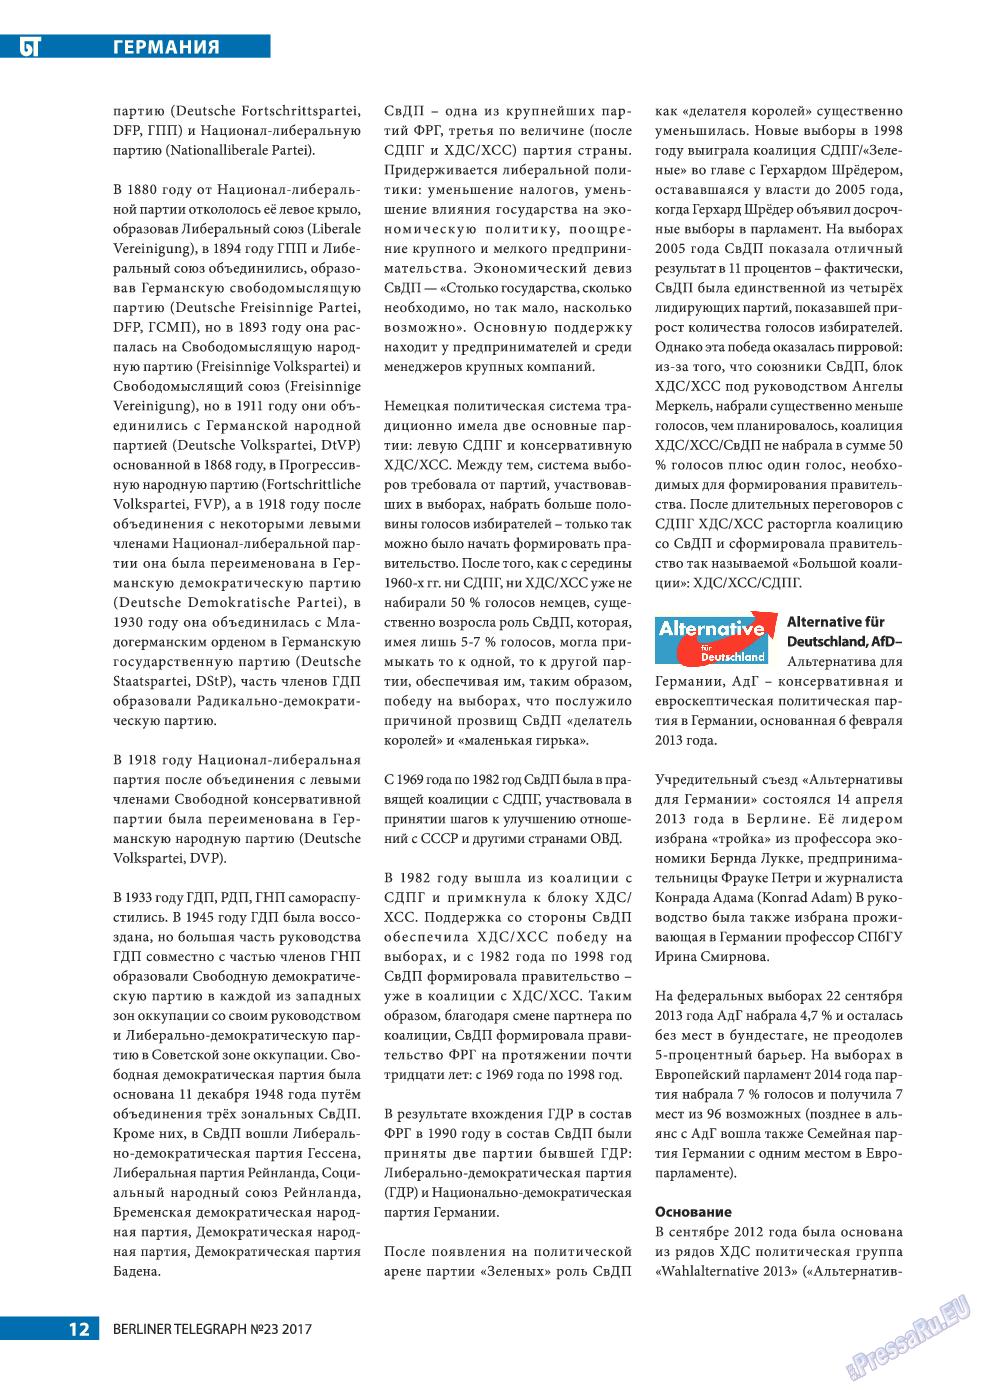 Берлинский телеграф (журнал). 2017 год, номер 23, стр. 12